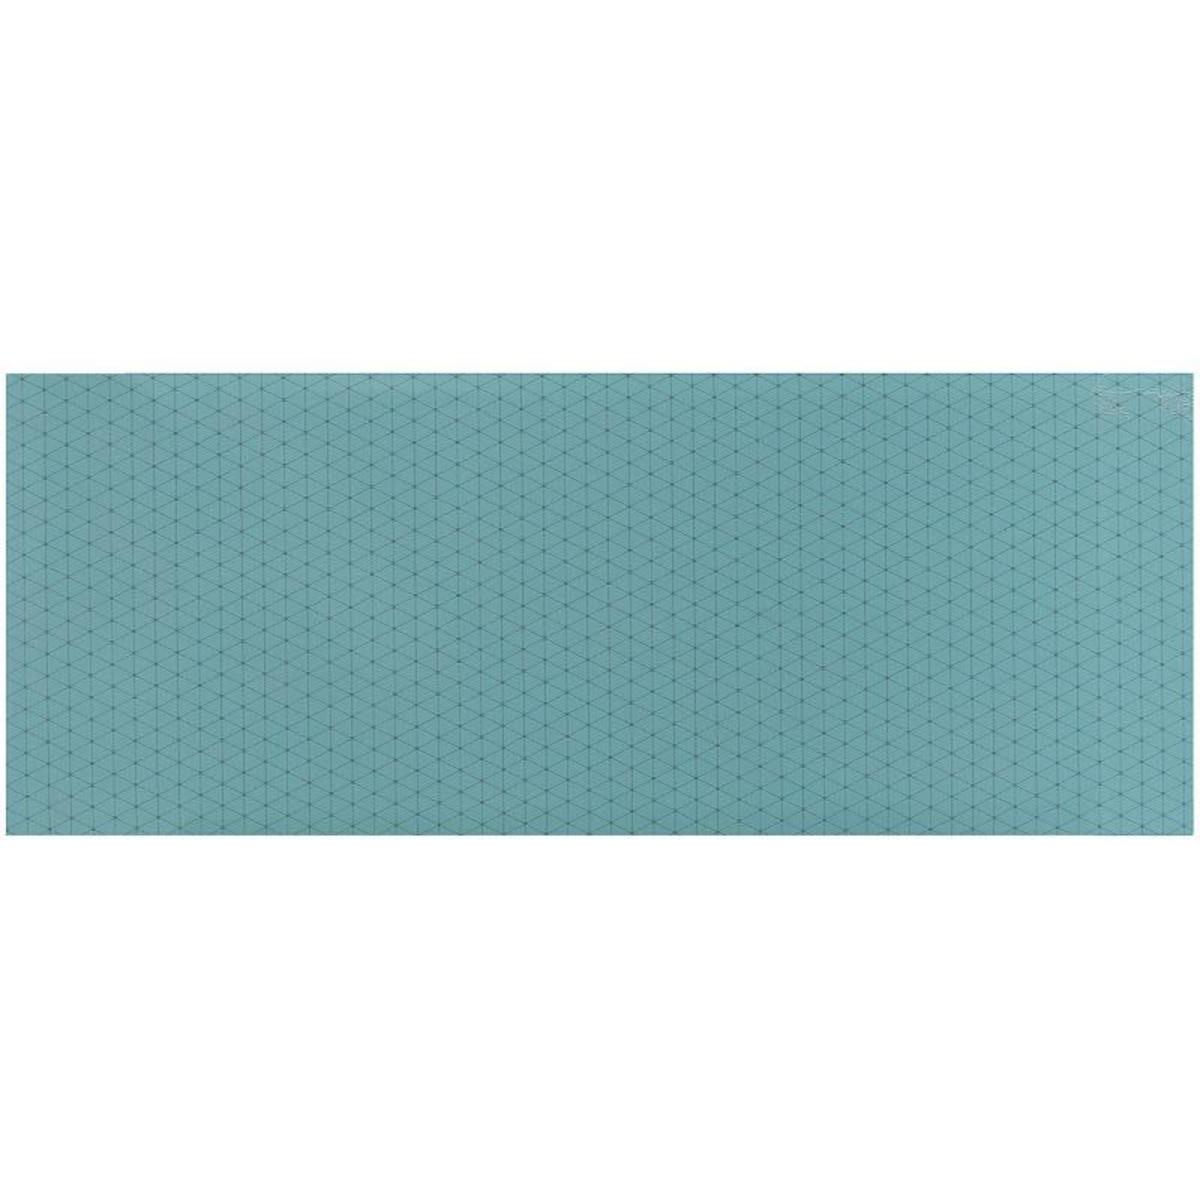 Плитка настенная Концепт 50х20 см 1.3 м2 цвет бирюзовый